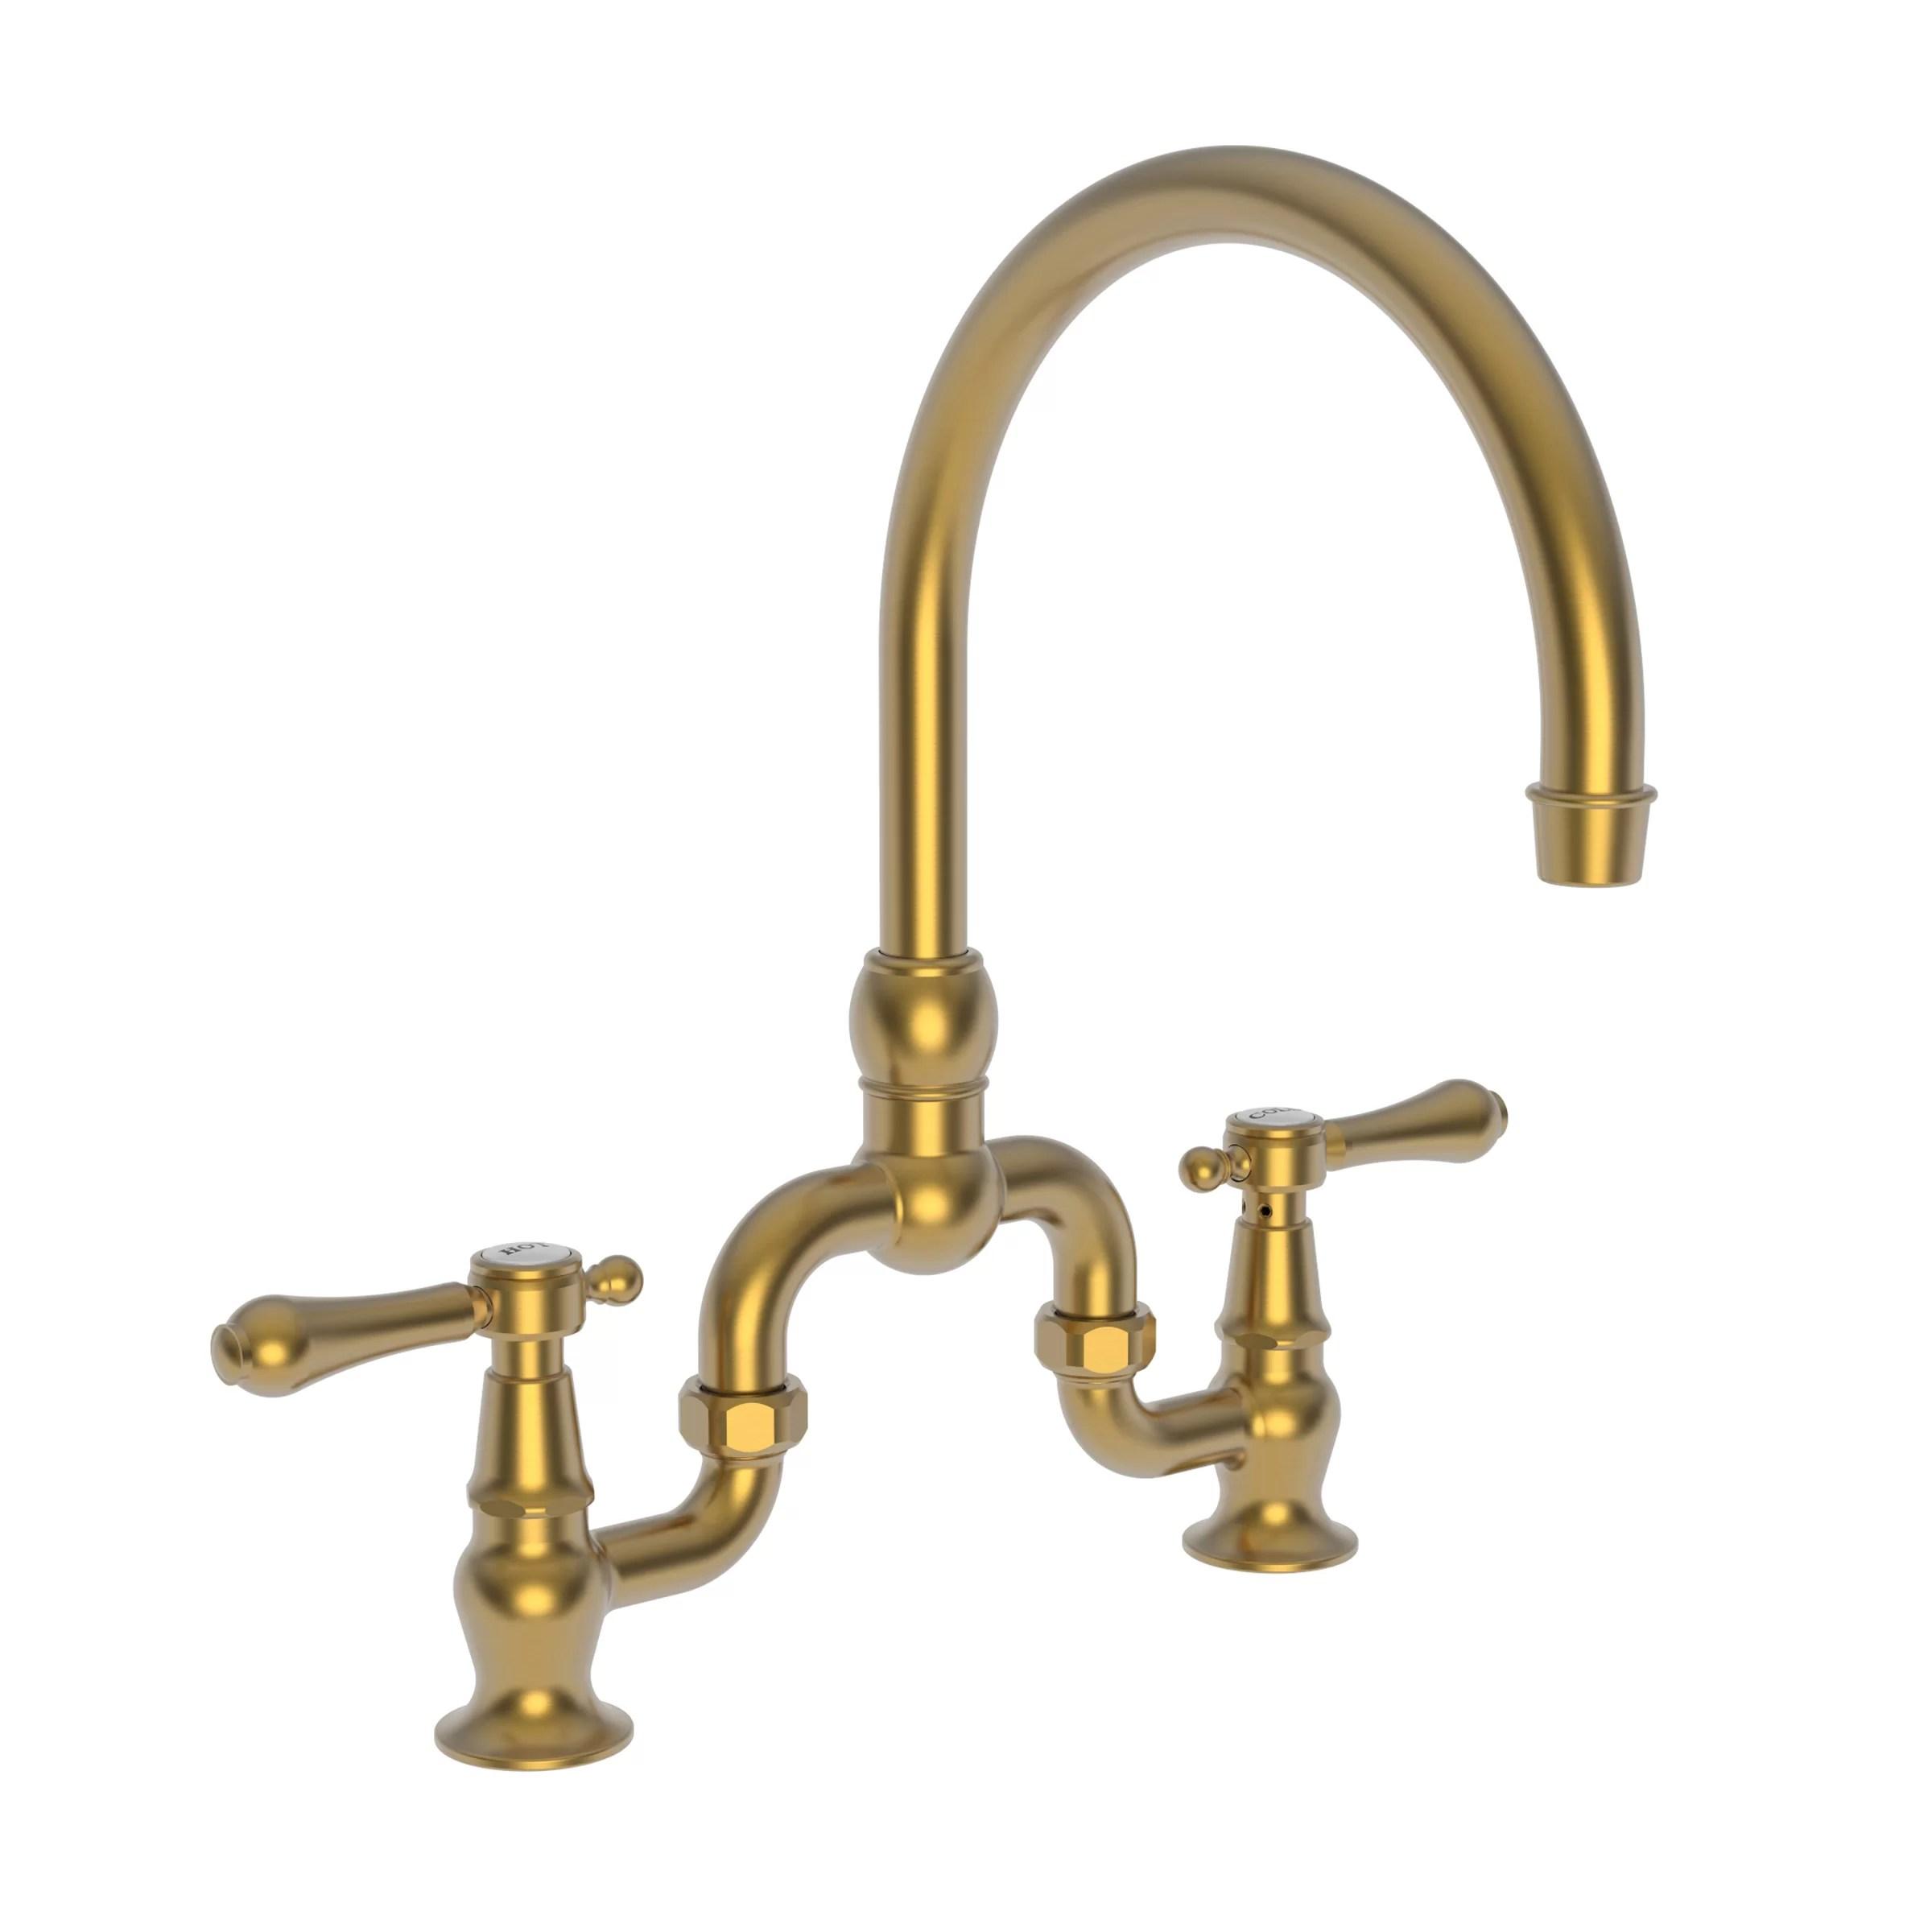 chesterfield bridge faucet